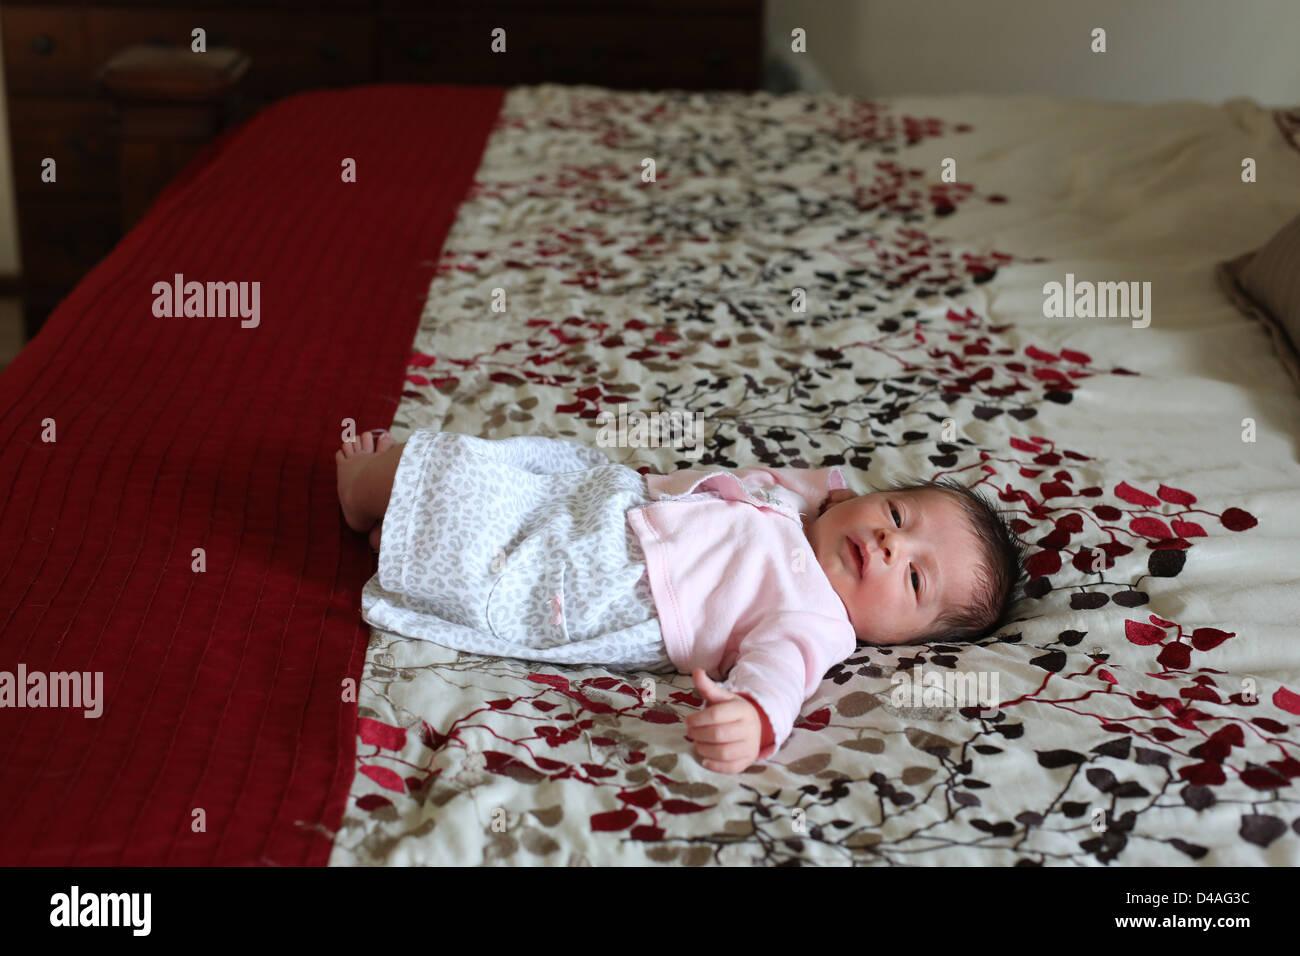 Un tout petit bébé nouveau-né allongé sur un grand lit. Photo Stock